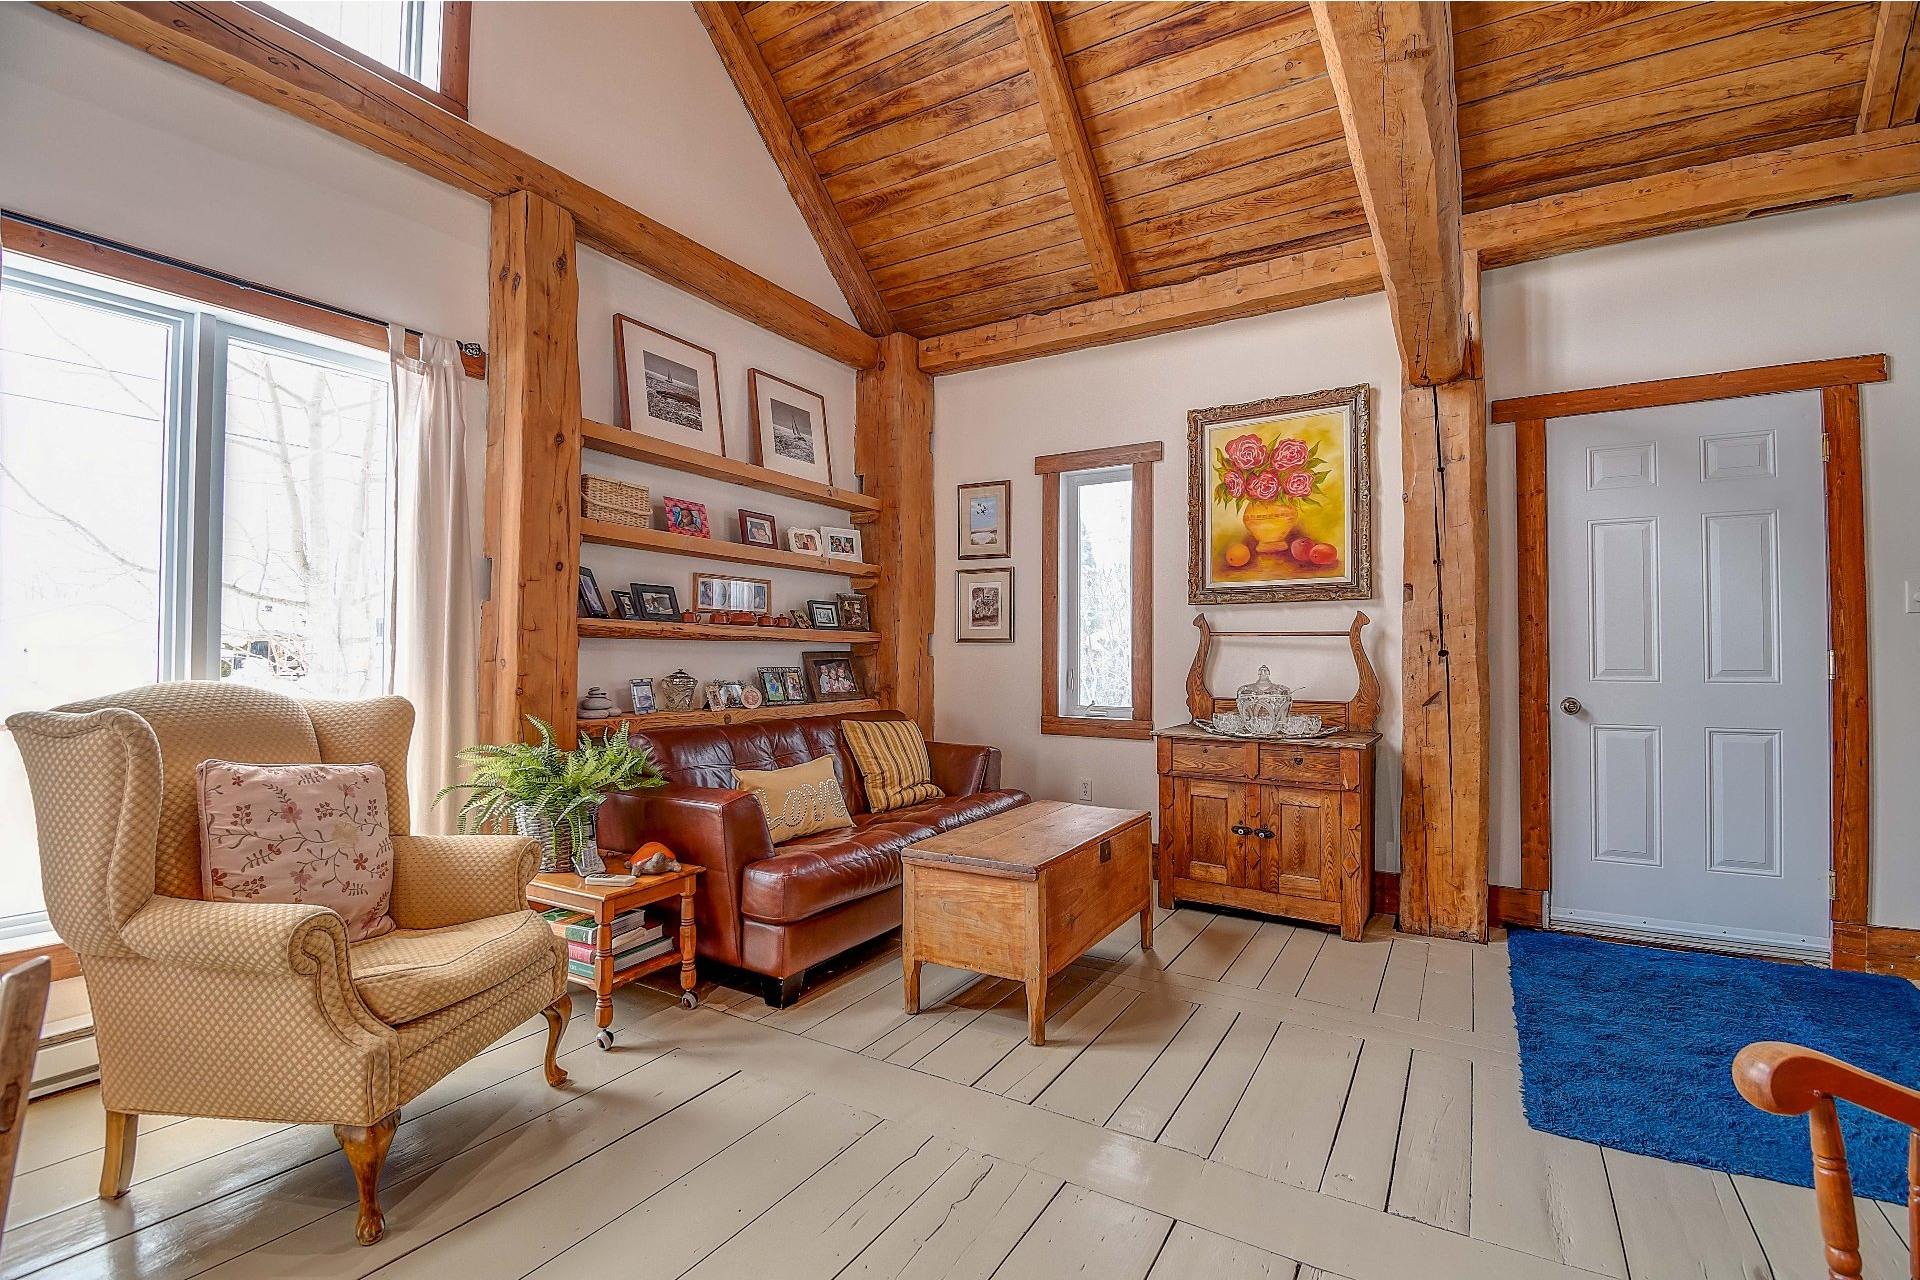 image 10 - Maison À vendre Trois-Rivières - 6 pièces